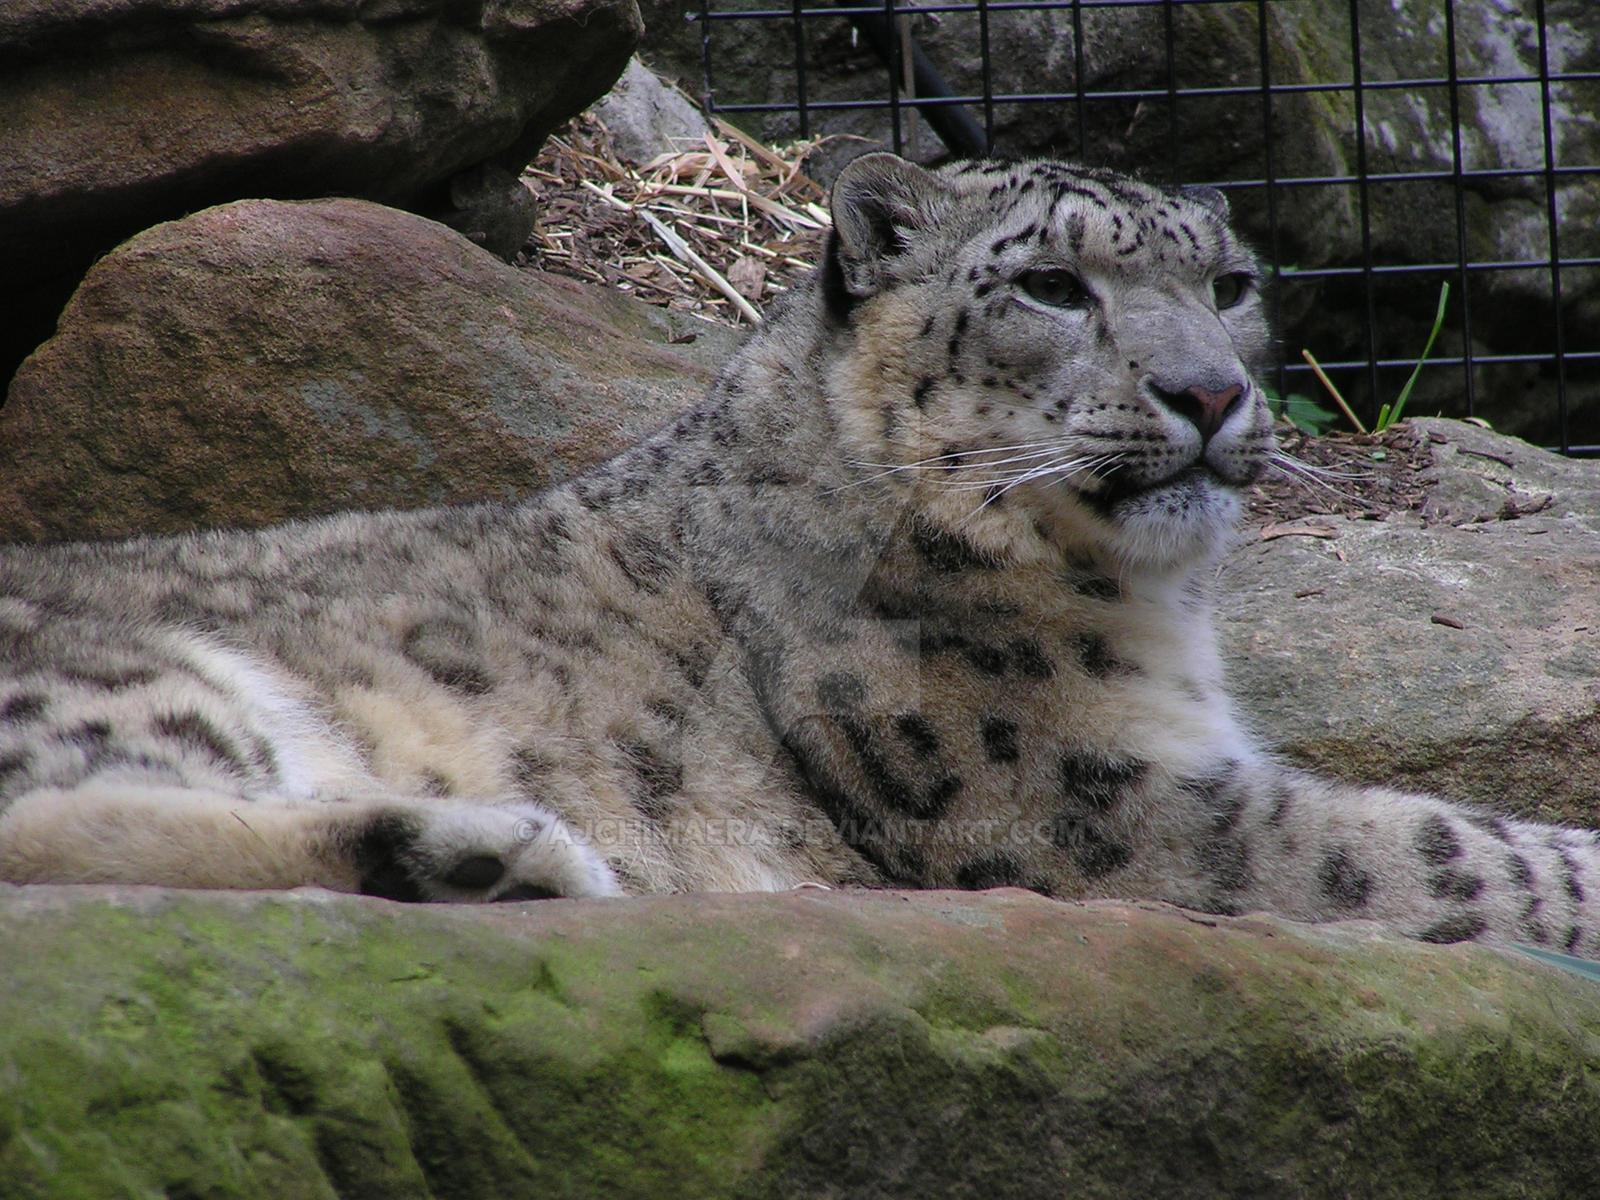 Majestic Leopard by AJChimaera